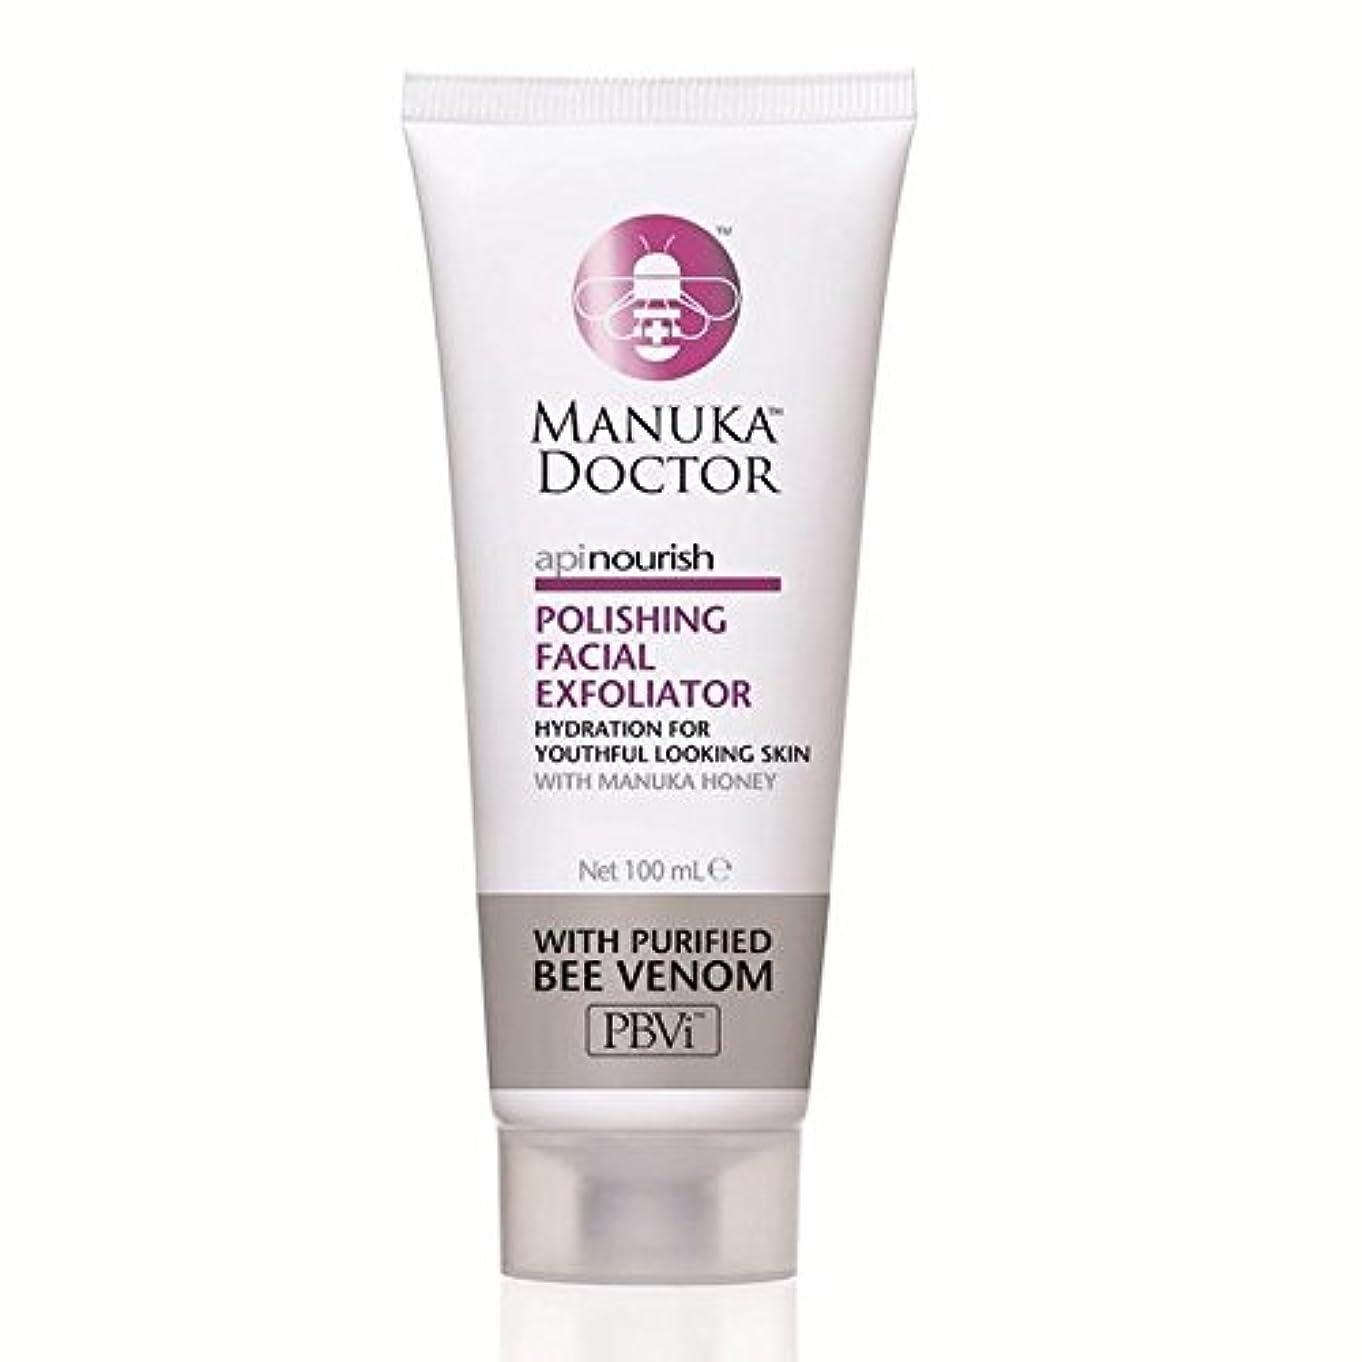 マヌカドクターフェイシャルエクスフォリエーターの100ミリリットルを研磨養います x2 - Manuka Doctor Api Nourish Polishing Facial Exfoliator 100ml (Pack...